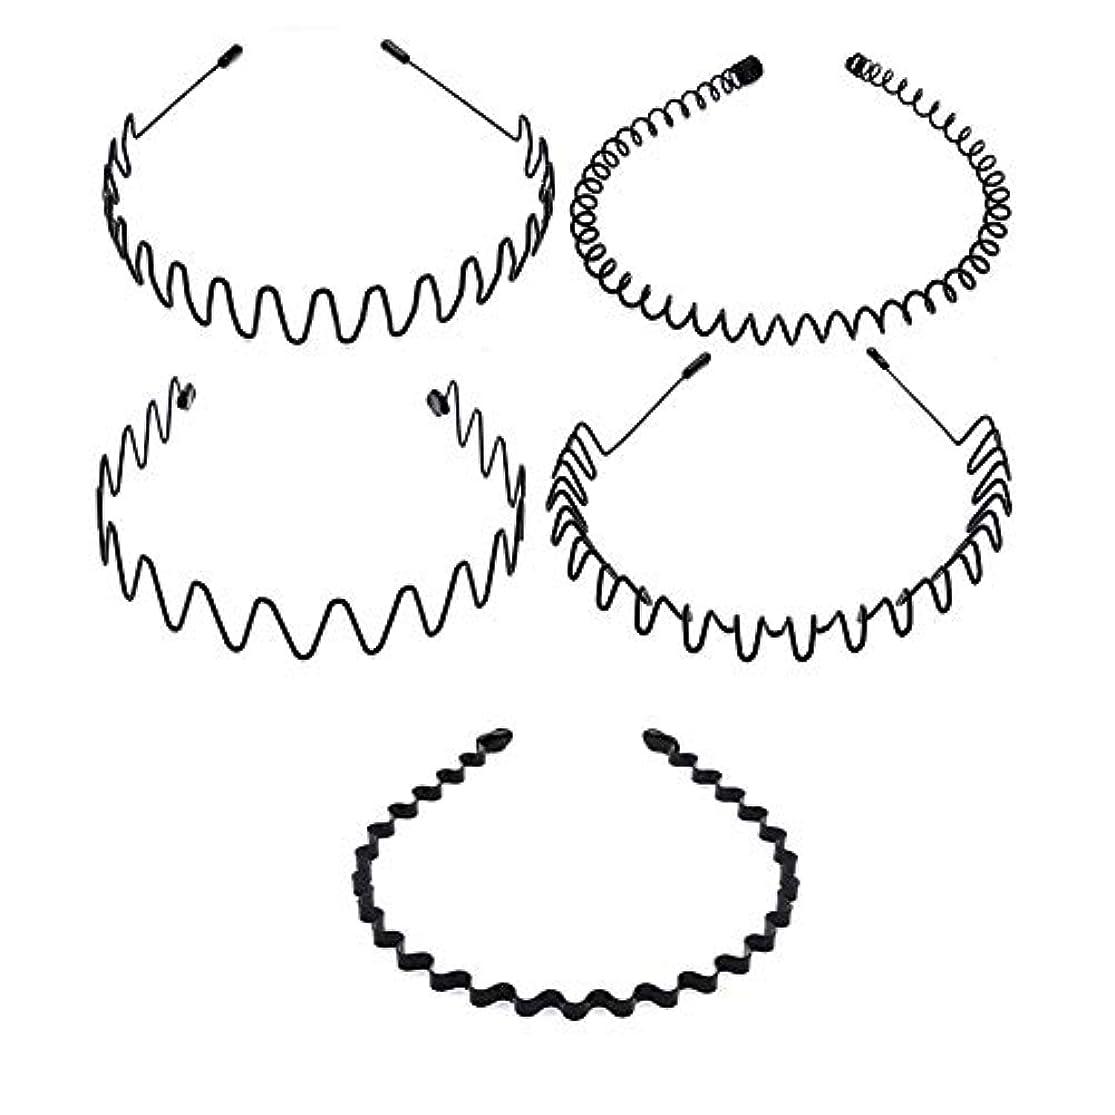 製造寝室ひねり5種類のシンプルな波状ヘッドバンド 非常にニュートラルなヘアクリップ 男性と女性の両方が使用可能 黒